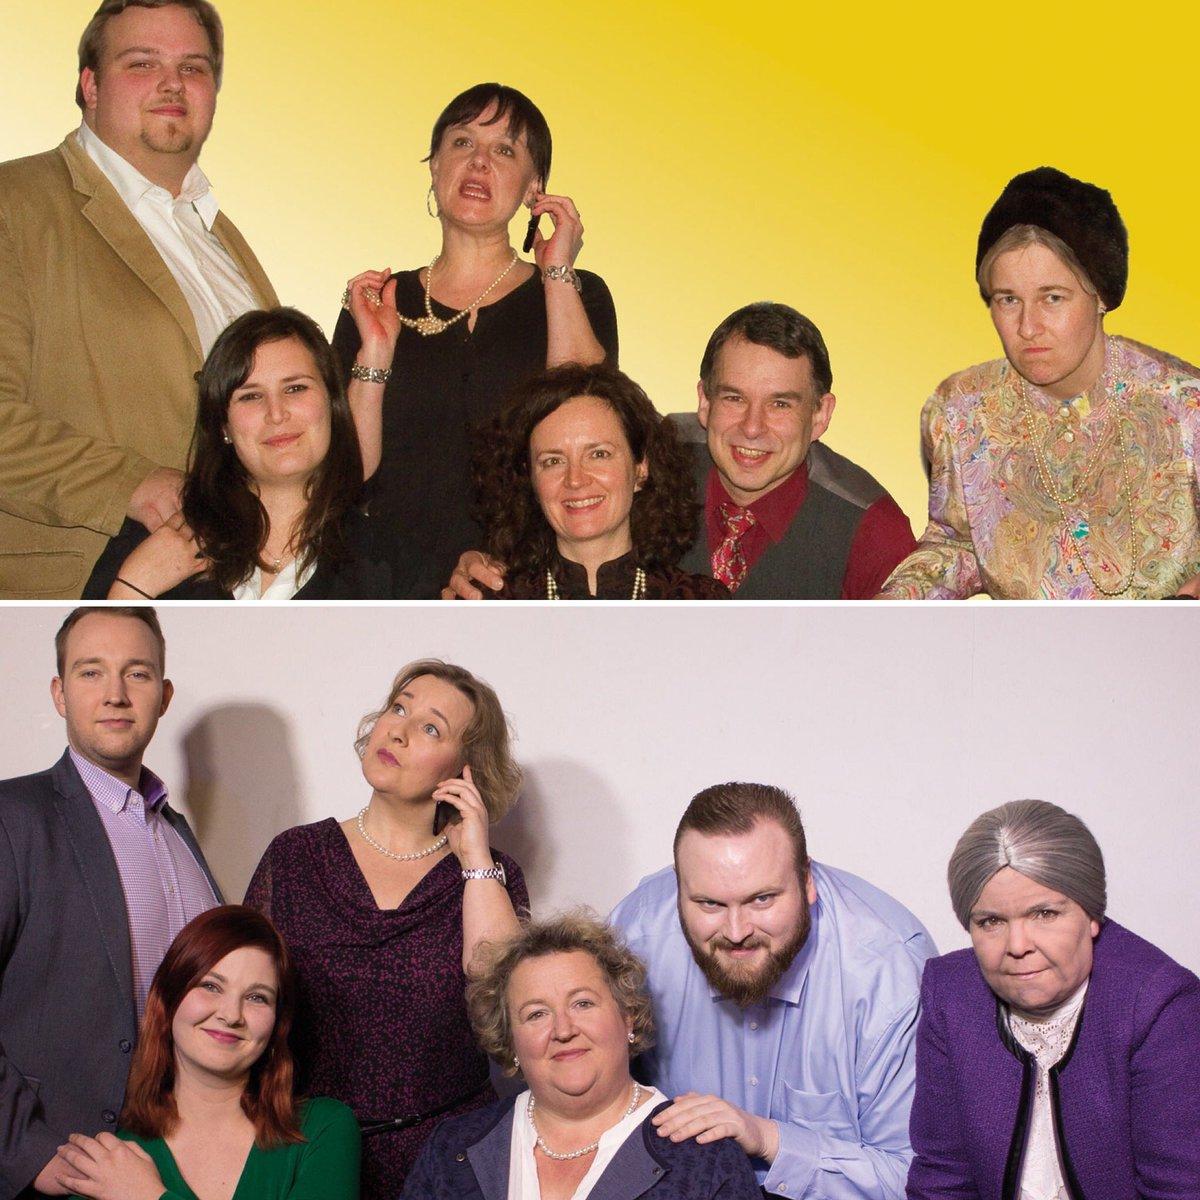 """Damals und Heute: im Mai 2010 feierten wir mit """"37 Ansichtskarten"""" unsere erste Premiere. Anlässlich unseres 10-jährigen Jubiläums feiern wir am 14. Februar 2020 die Wiederaufnahme dieses großartigen Stückes von Michael McKeever.  #theater #37ansichtskarten #komödie #hamburgpic.twitter.com/UiP4dwO2RM"""